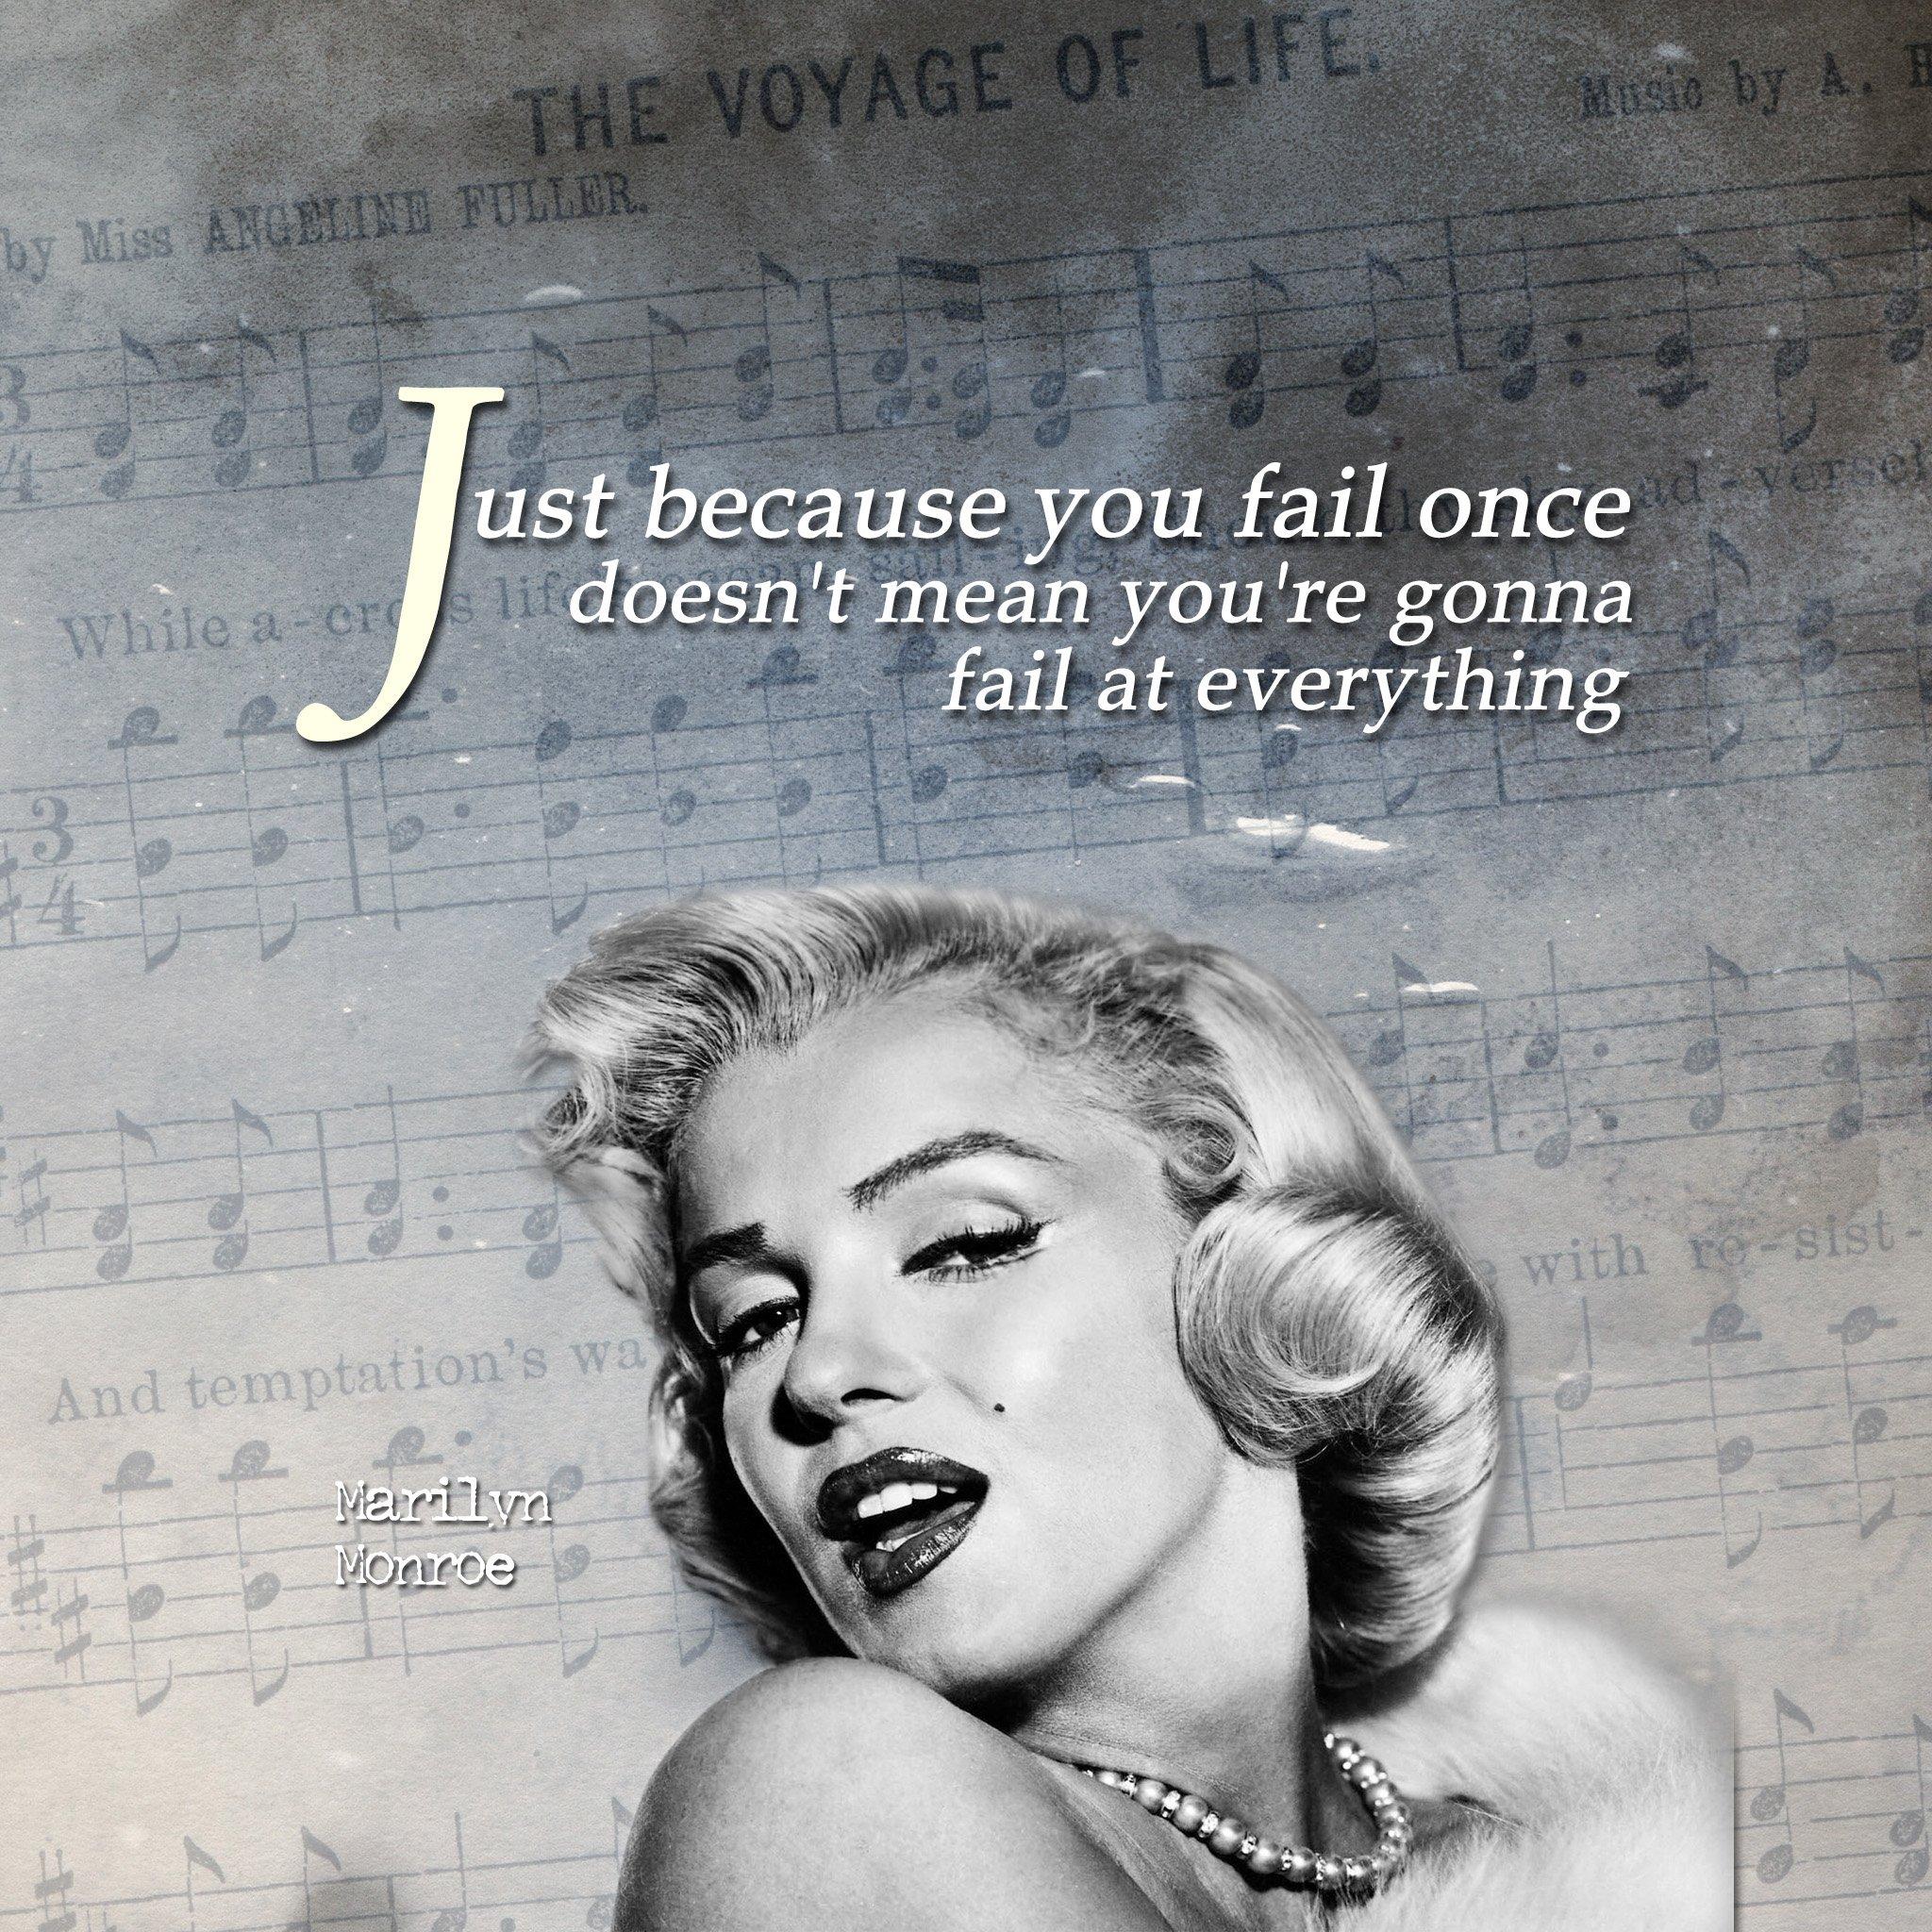 Marilyn Monroe Quotes: Marilyn Monroe Quotes Inspirational. QuotesGram